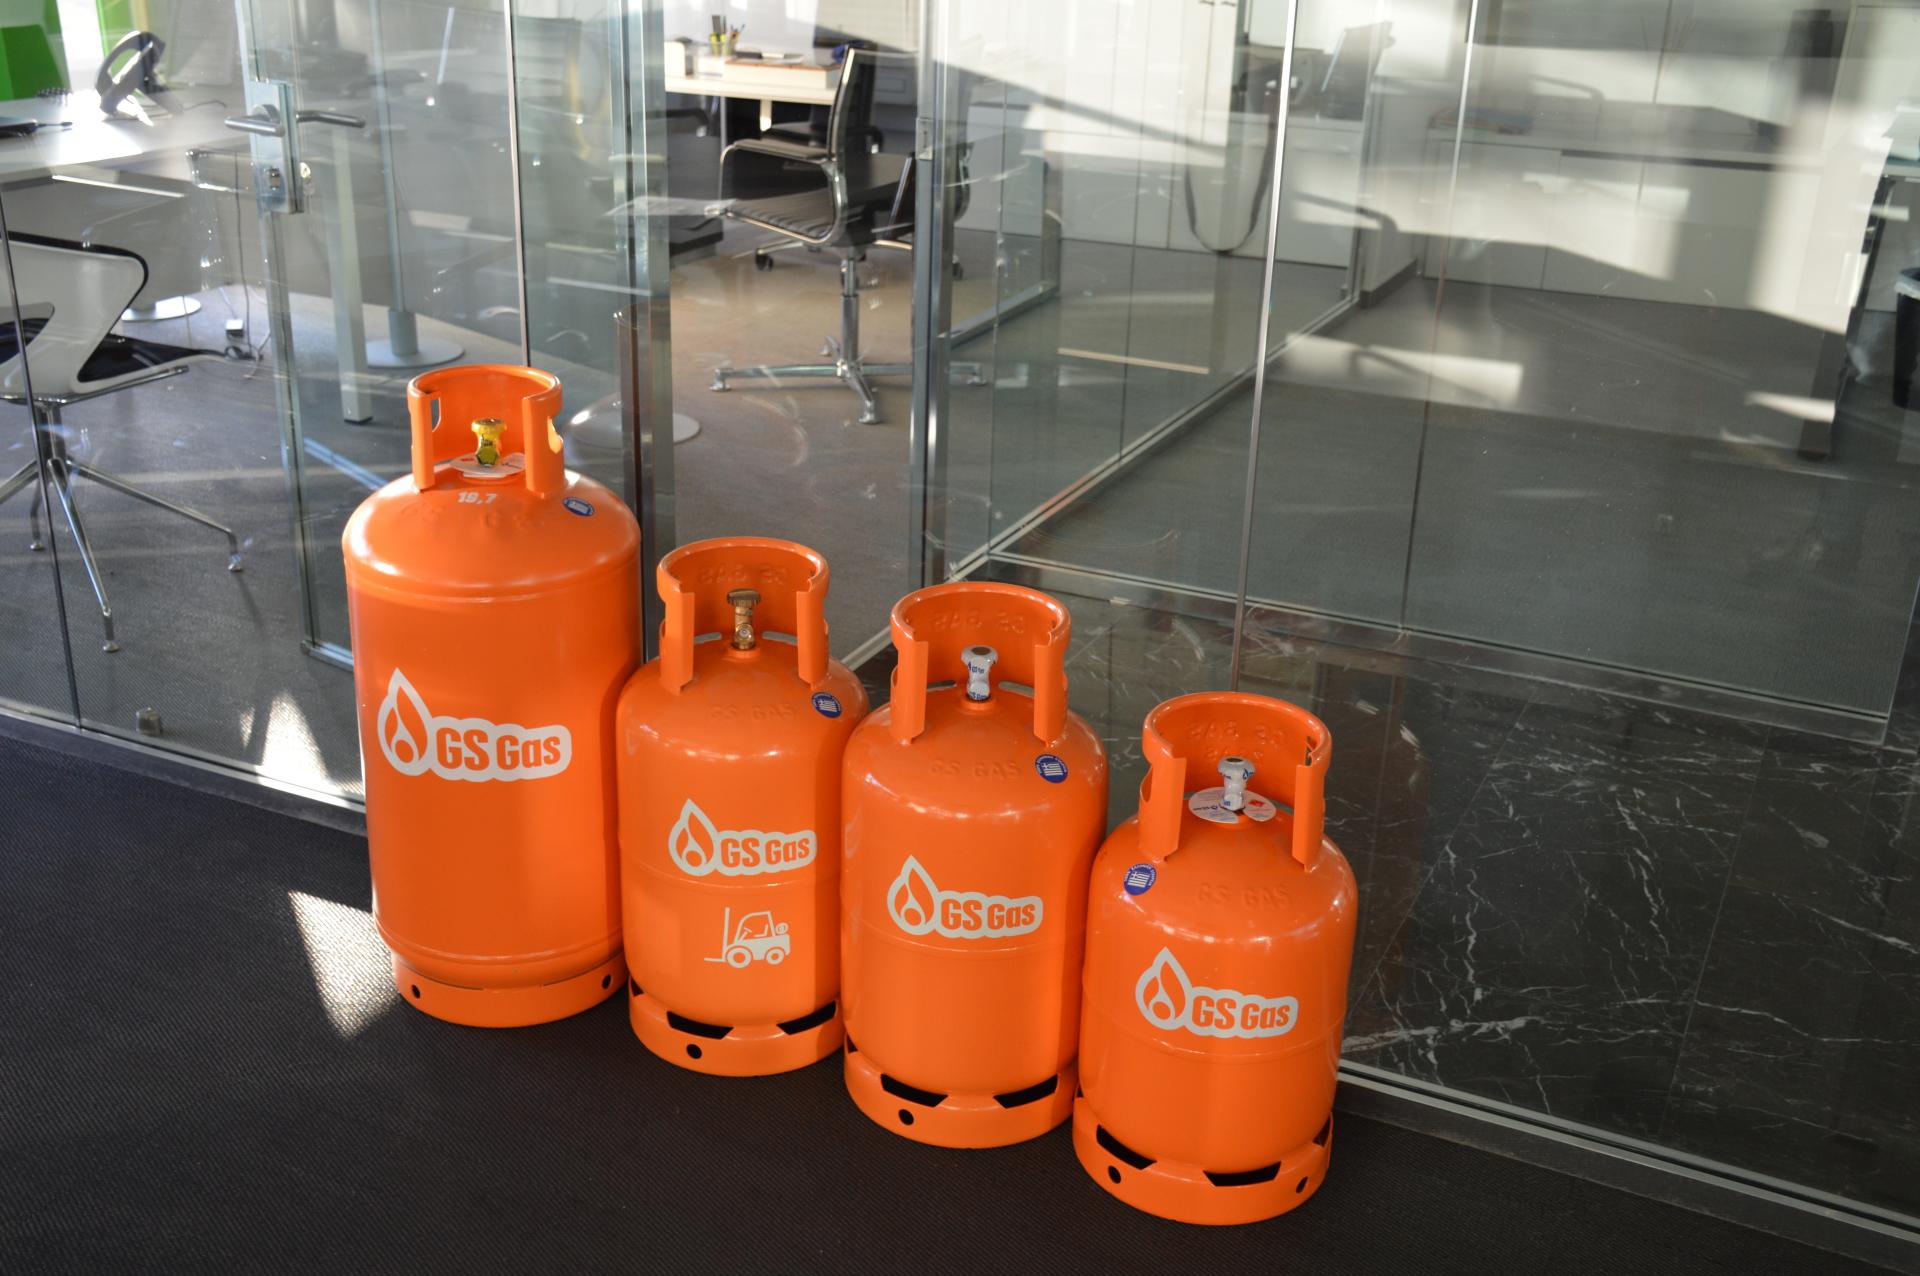 GS Gas Φιάλες Υγραερίου για την Επιχείρηση